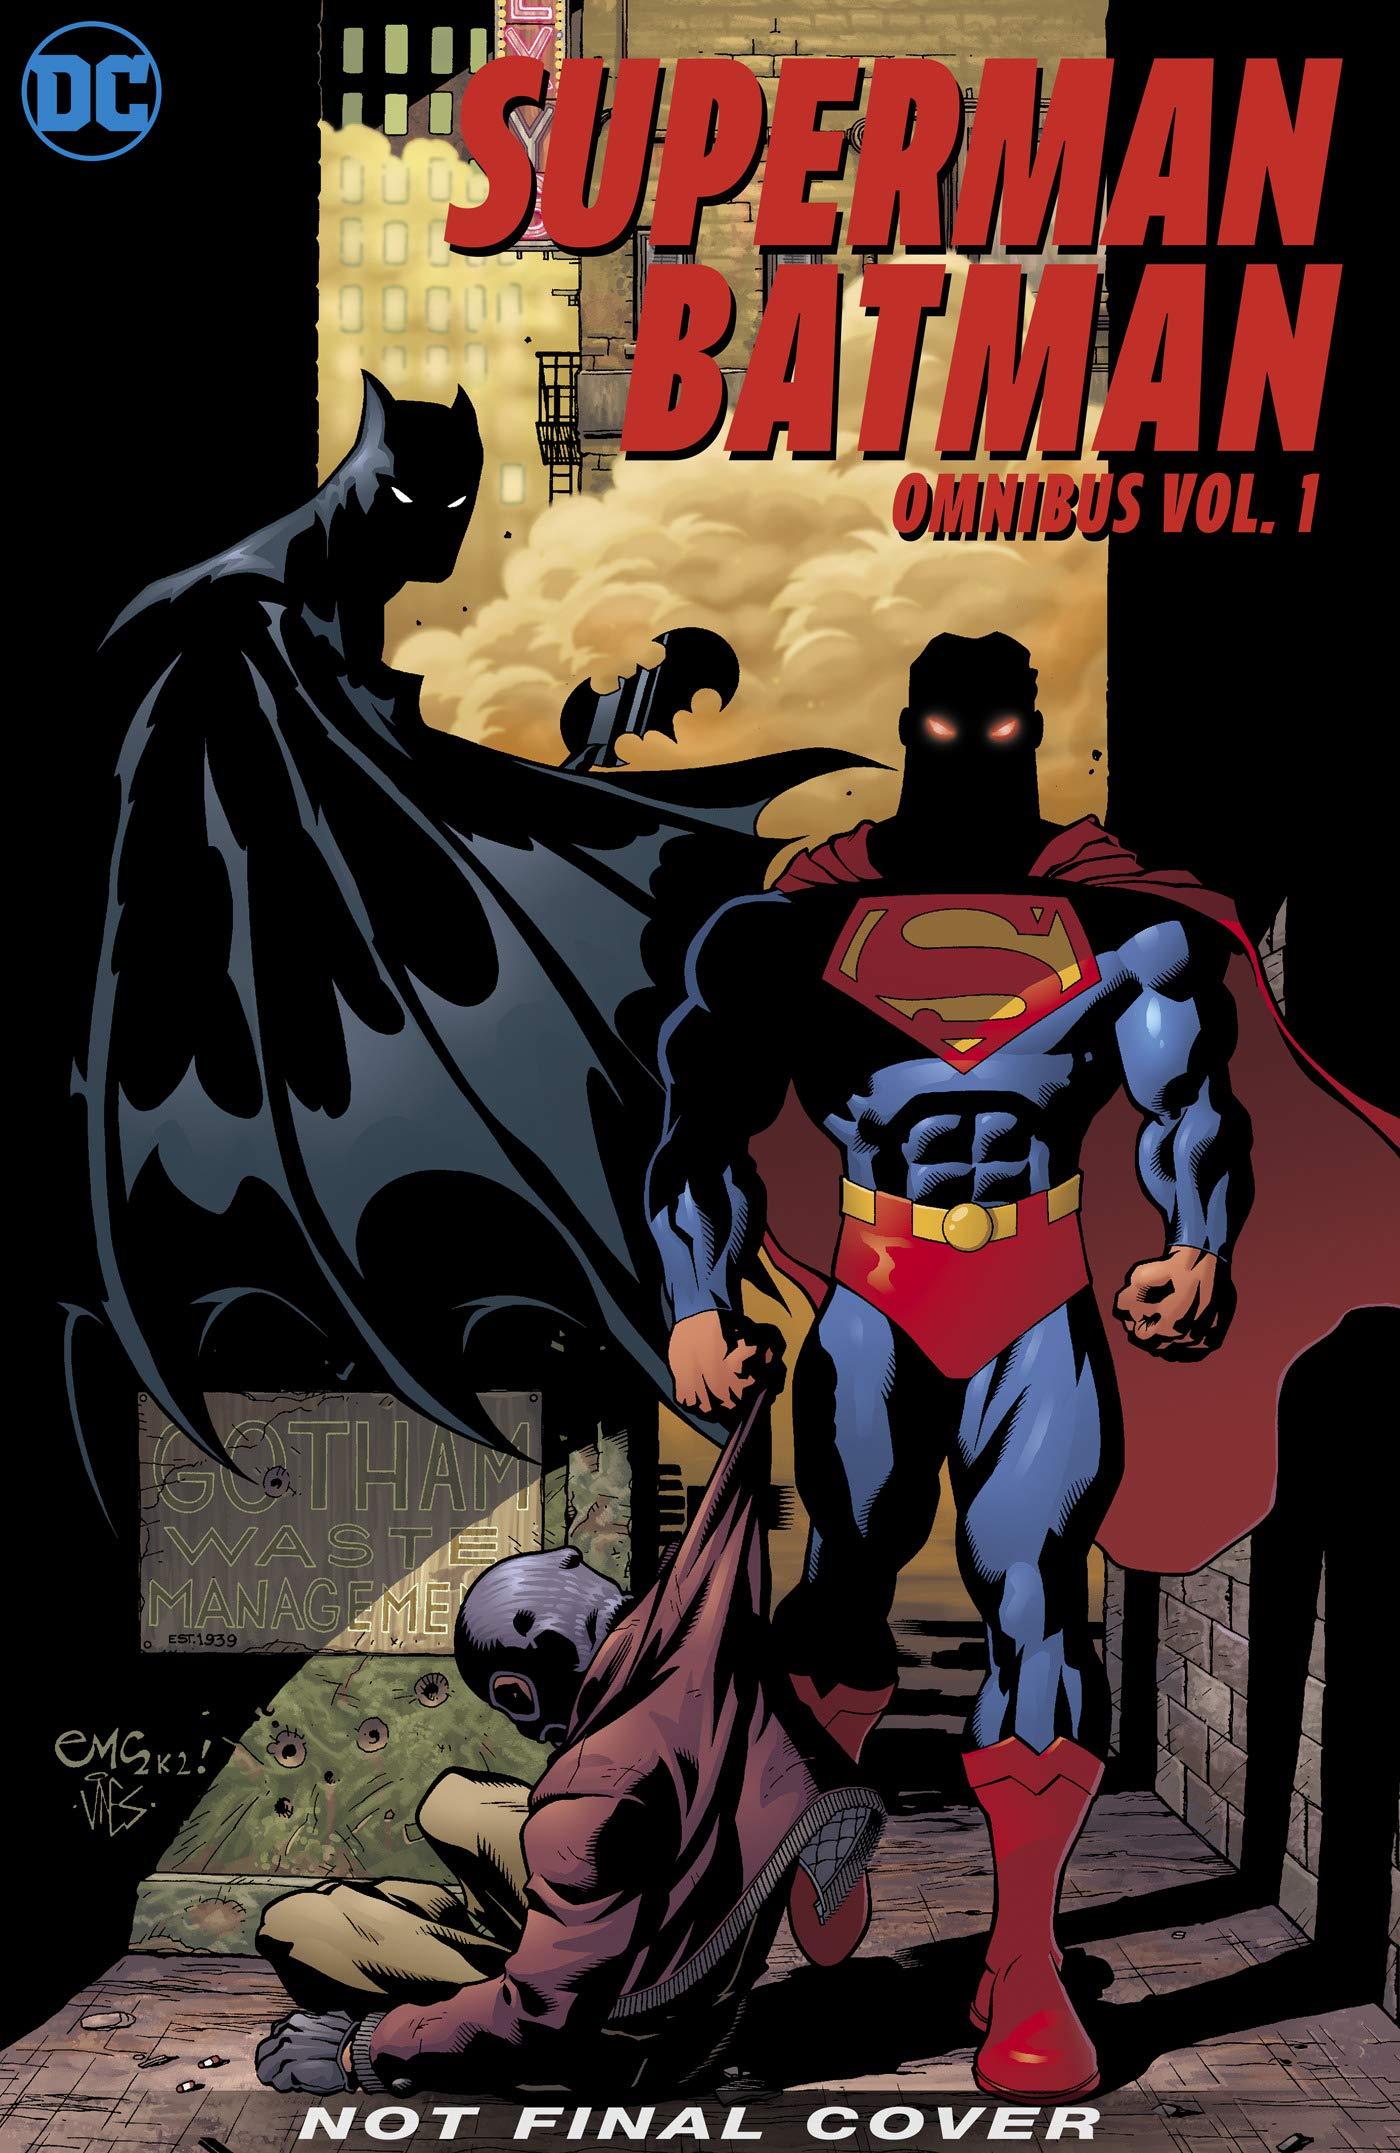 Superman/Batman Omnibus Vol. 1 by DC Comics